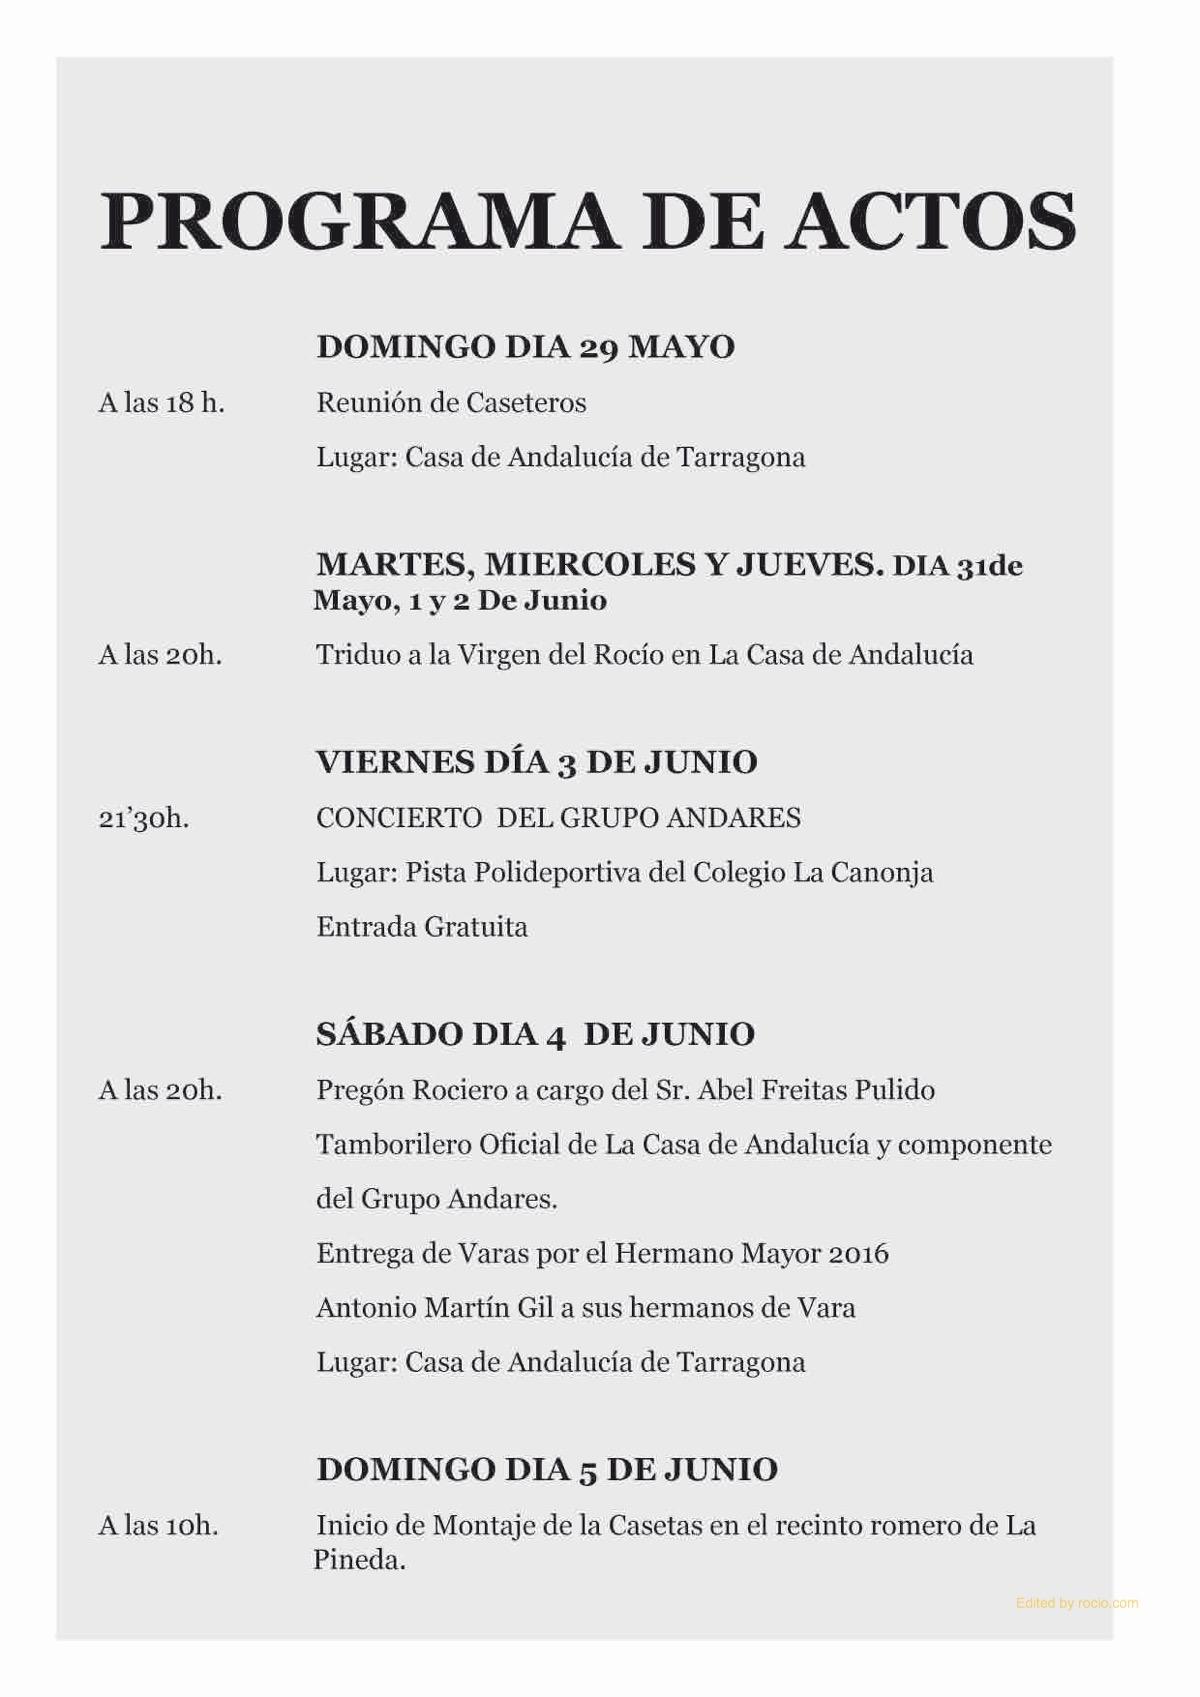 Tarragona rocio 2016-IMG_2482